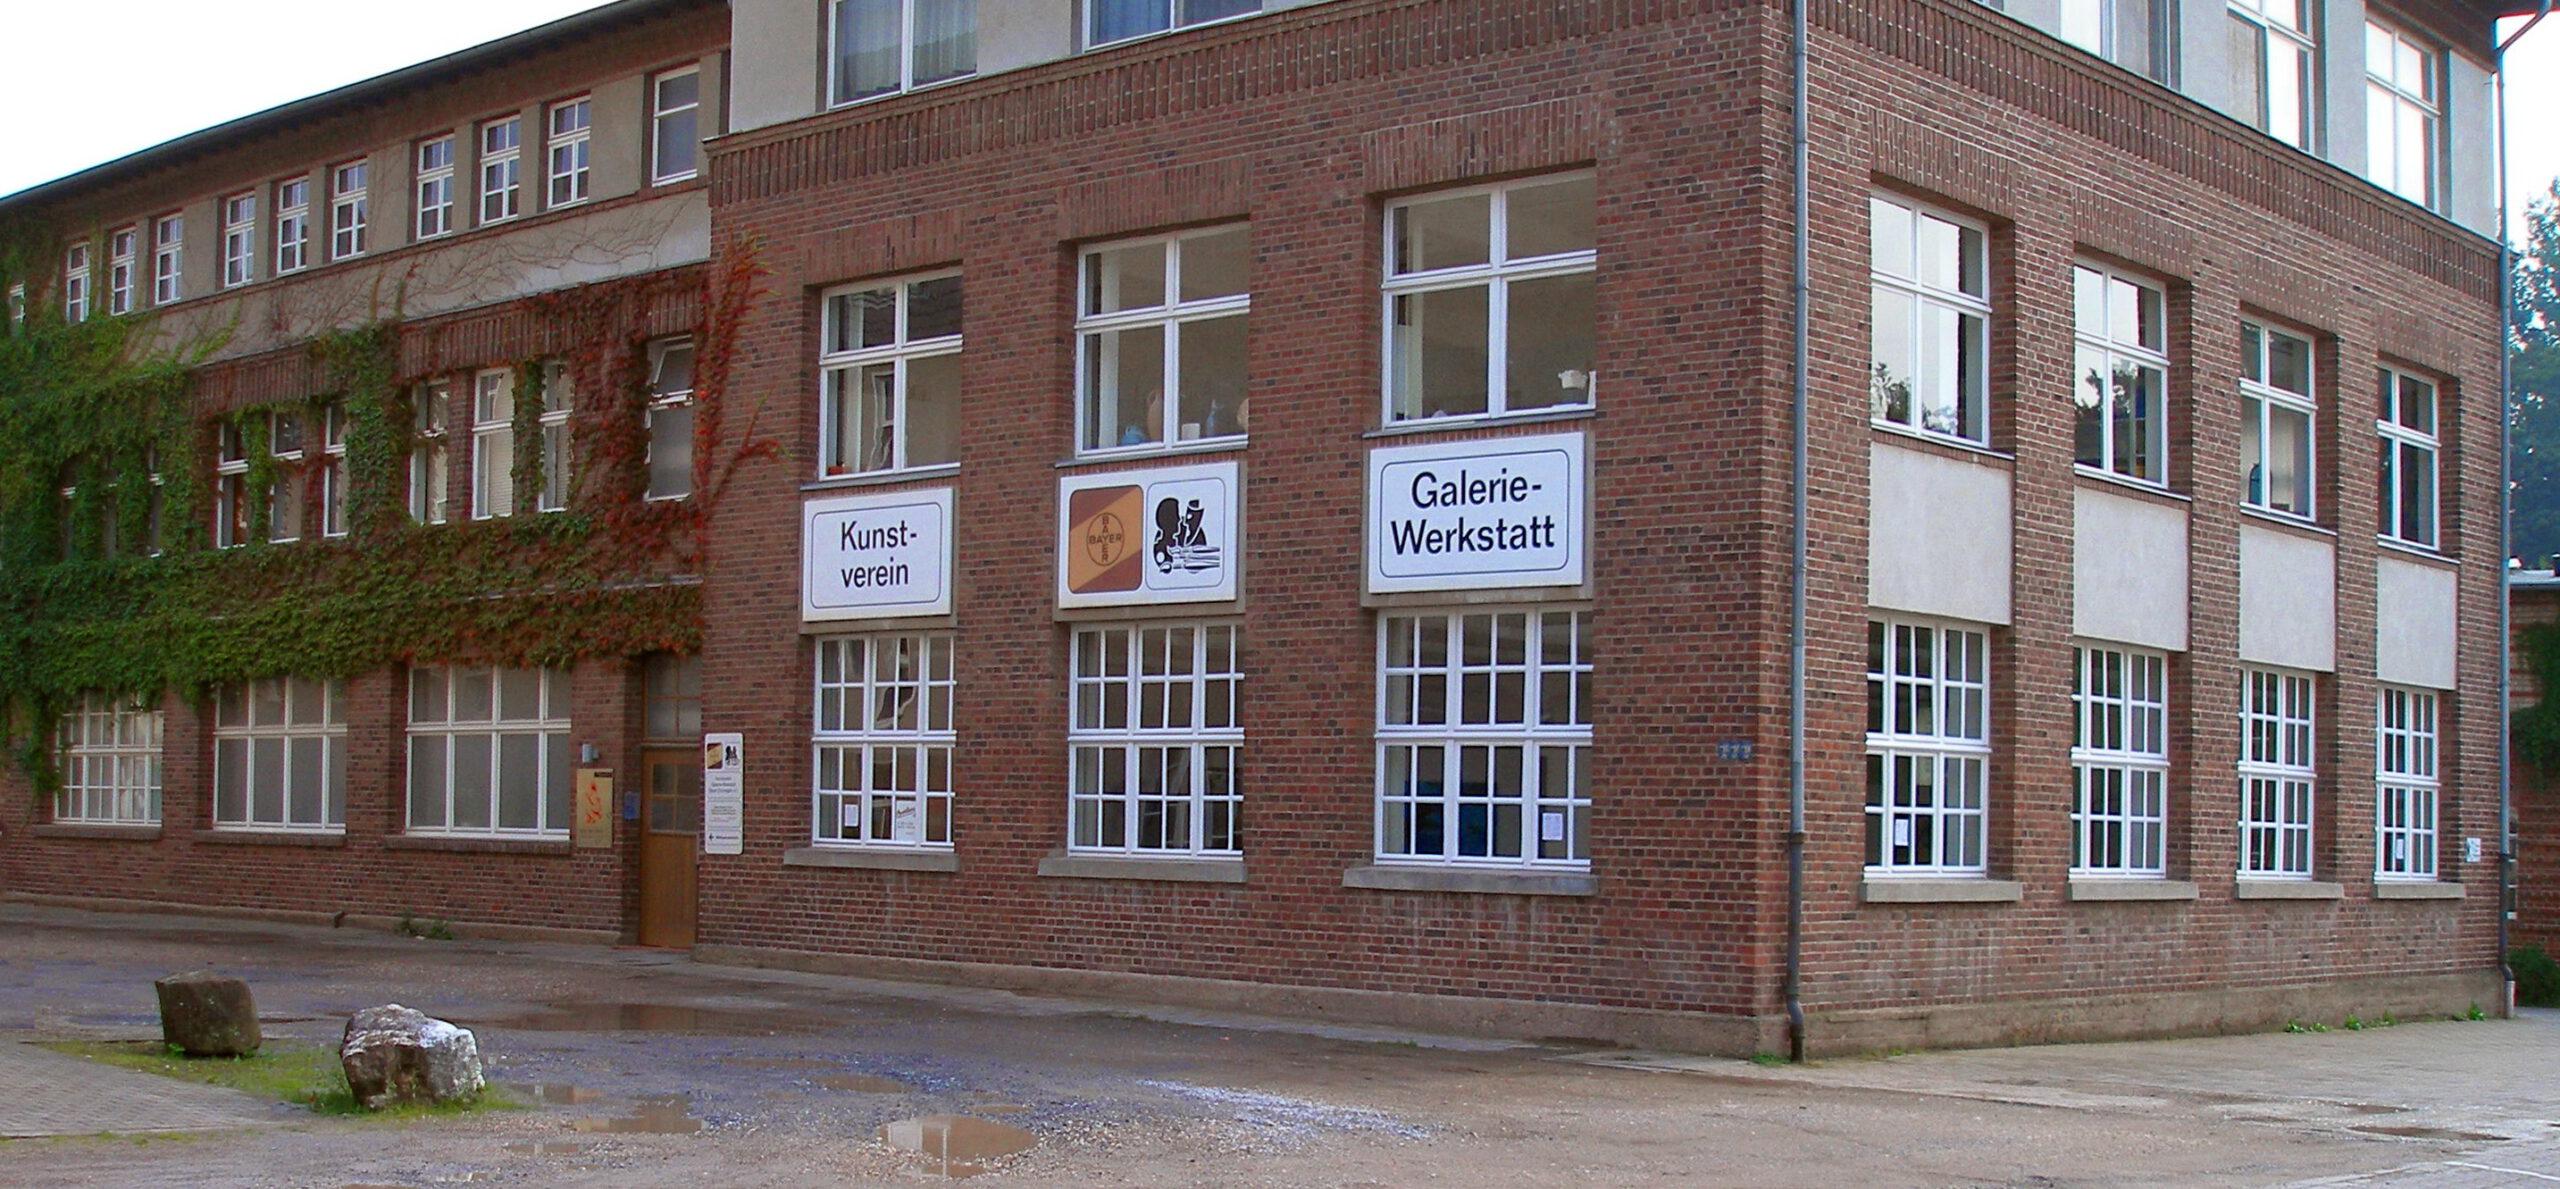 Galeriewerkstatt Gebäude